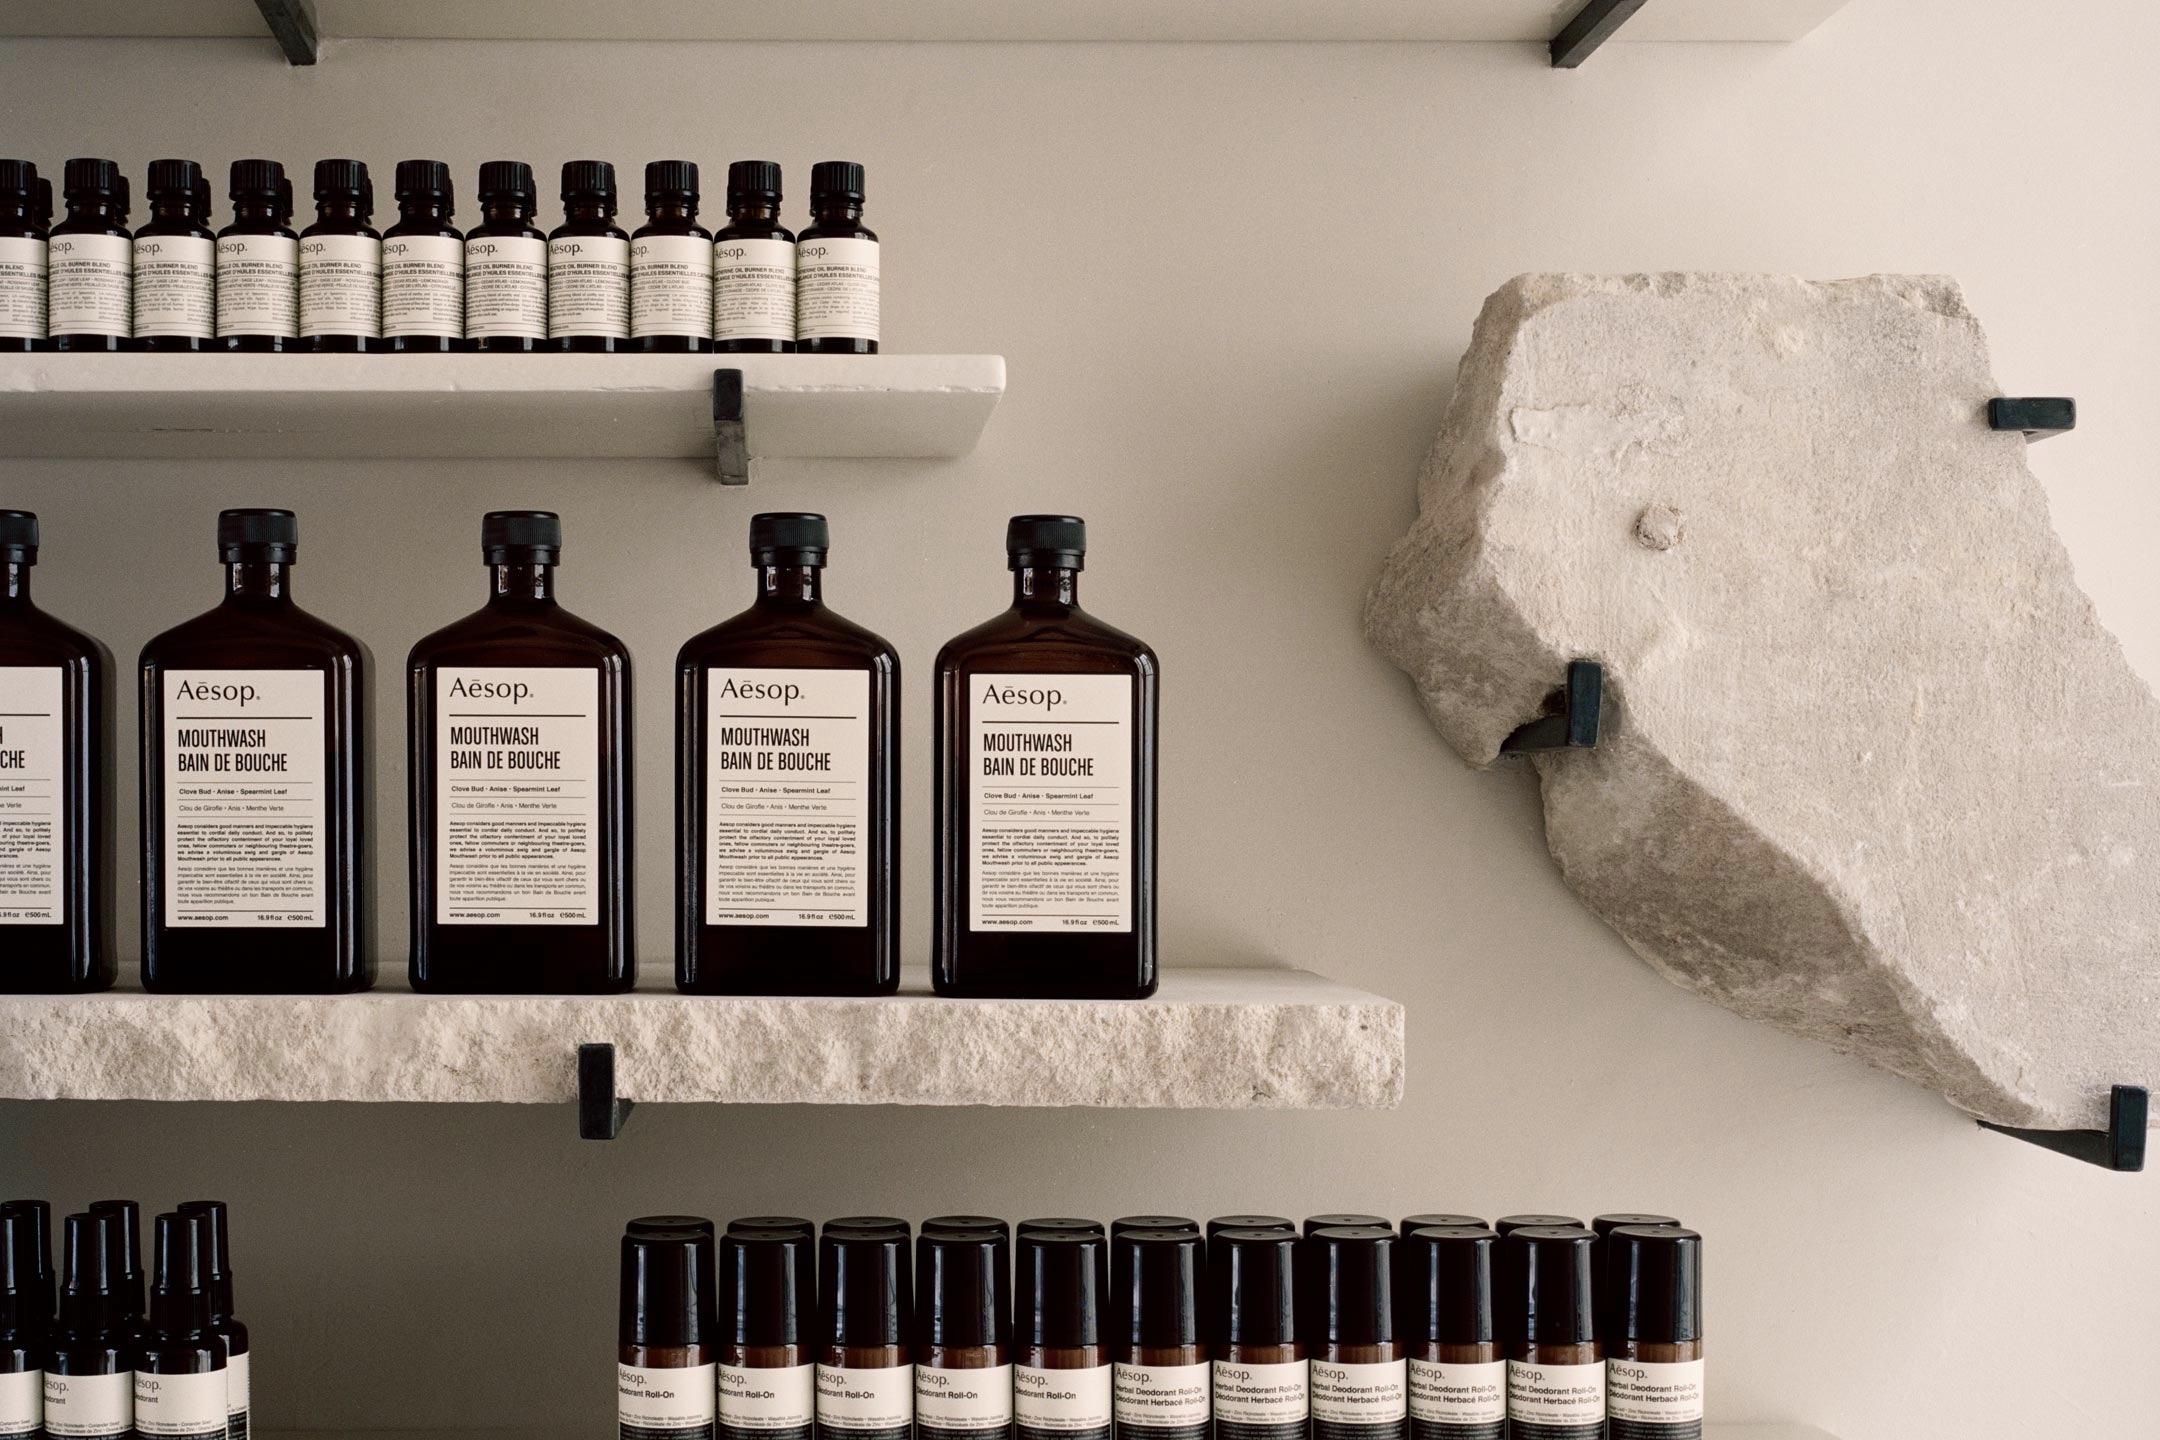 澳大利亚有机护肤品牌Aesop 推行重复灌装项目,致力于实现循环经济